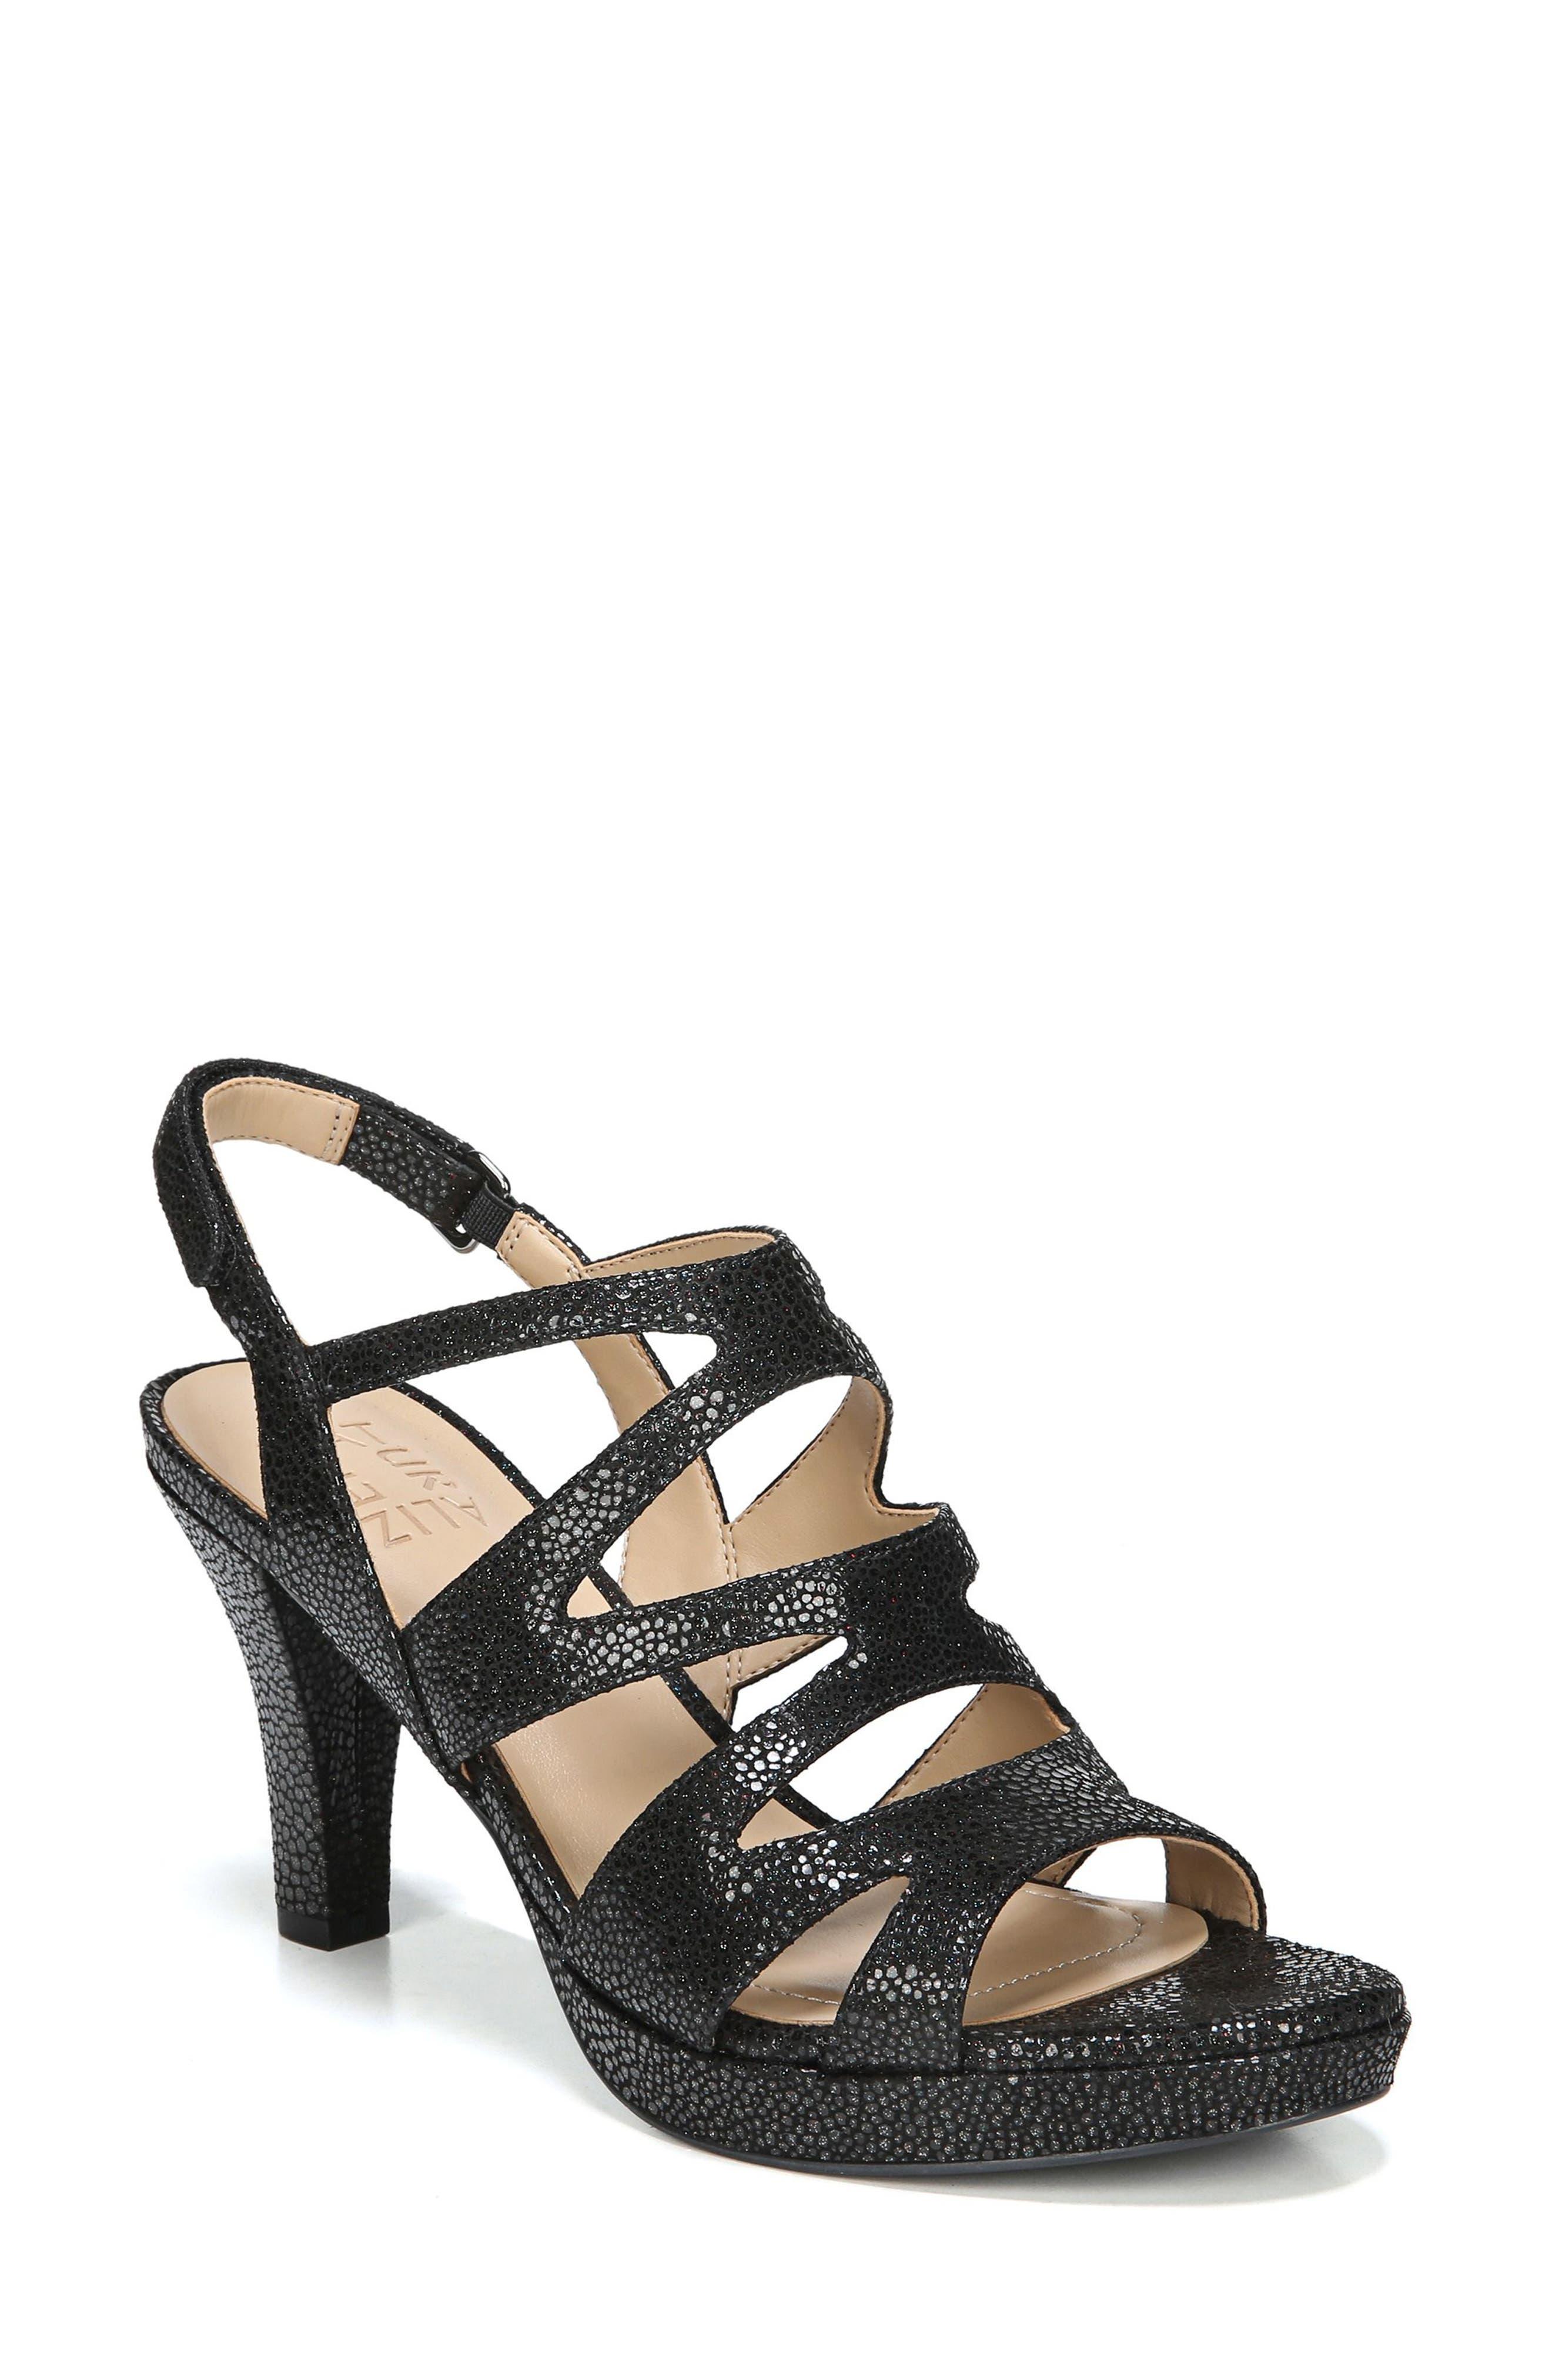 Alternate Image 1 Selected - Naturalizer 'Pressley' Slingback Platform Sandal (Women)